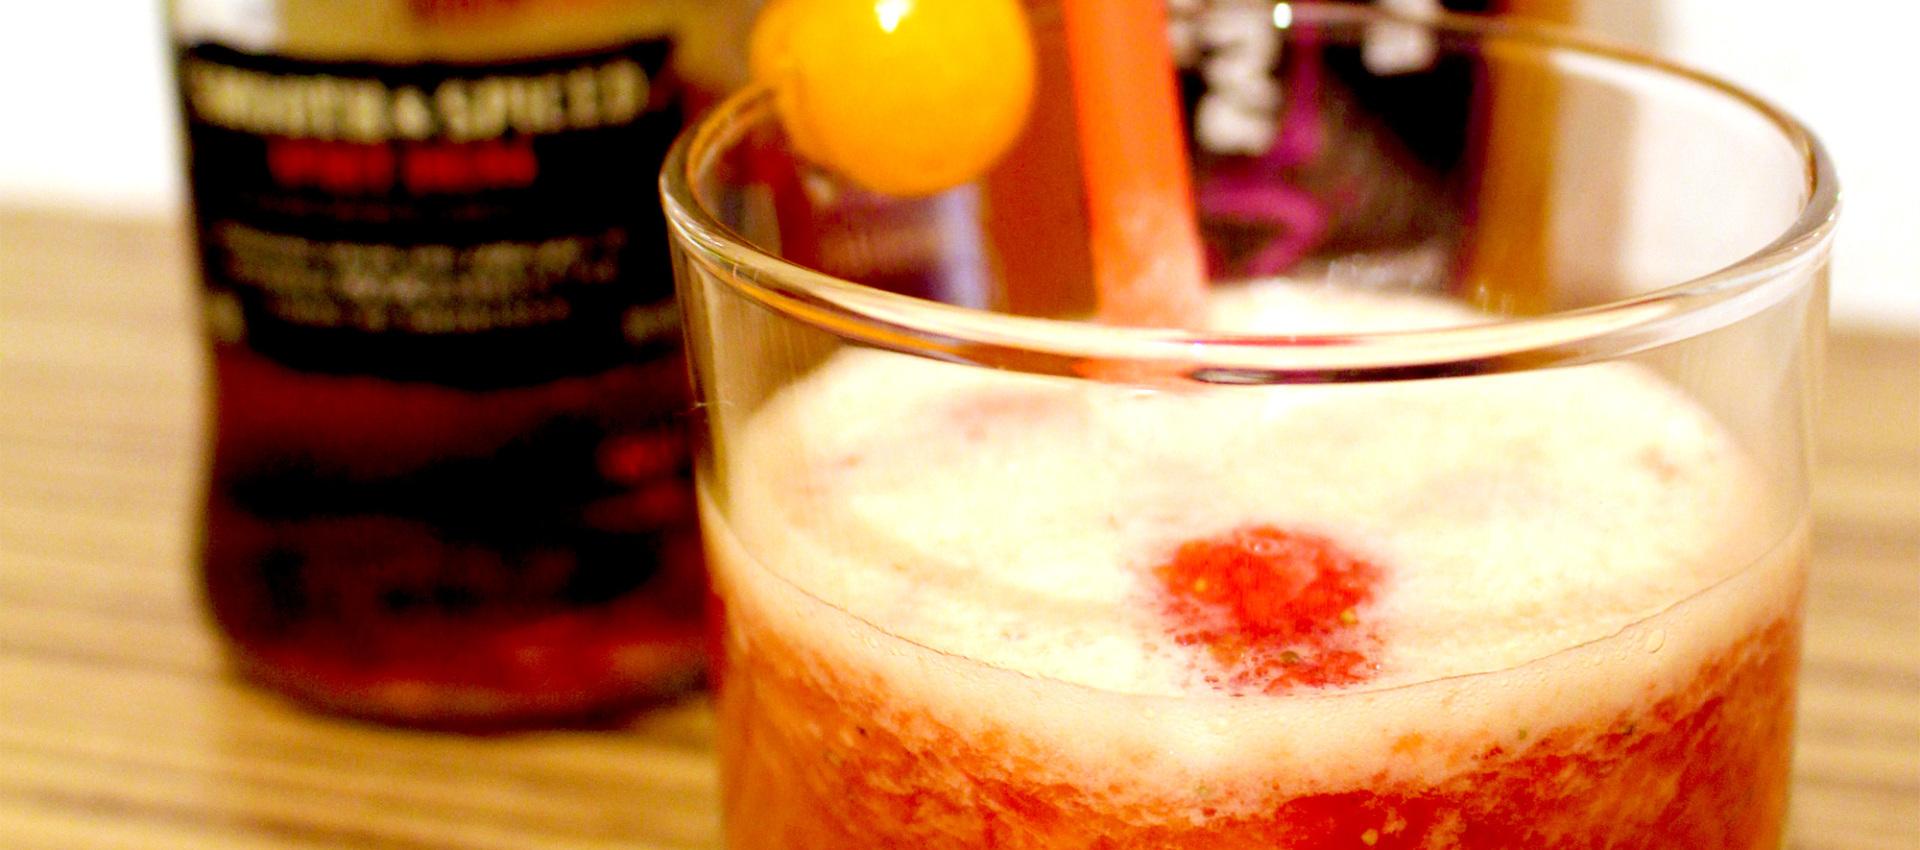 Rezept fruchtiger Cocktail Like200 mit Bacardi Oakheart - Kochbock.de